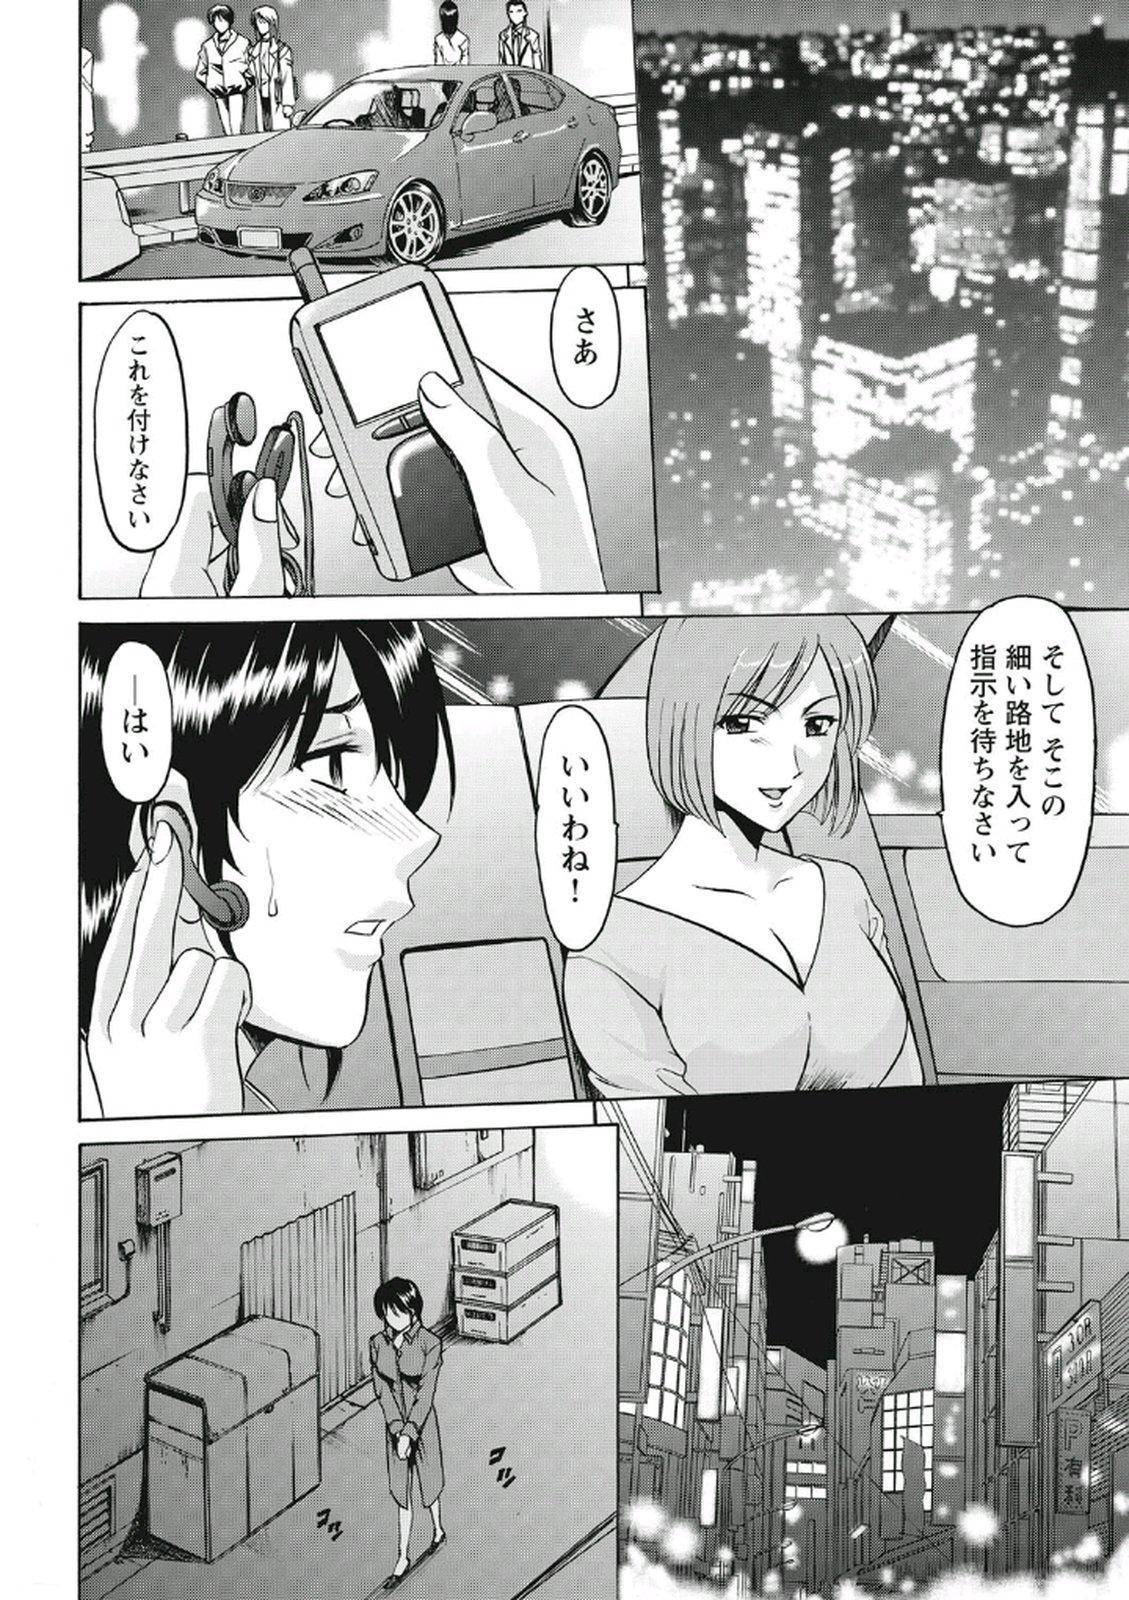 Chijoku Byoutou 167